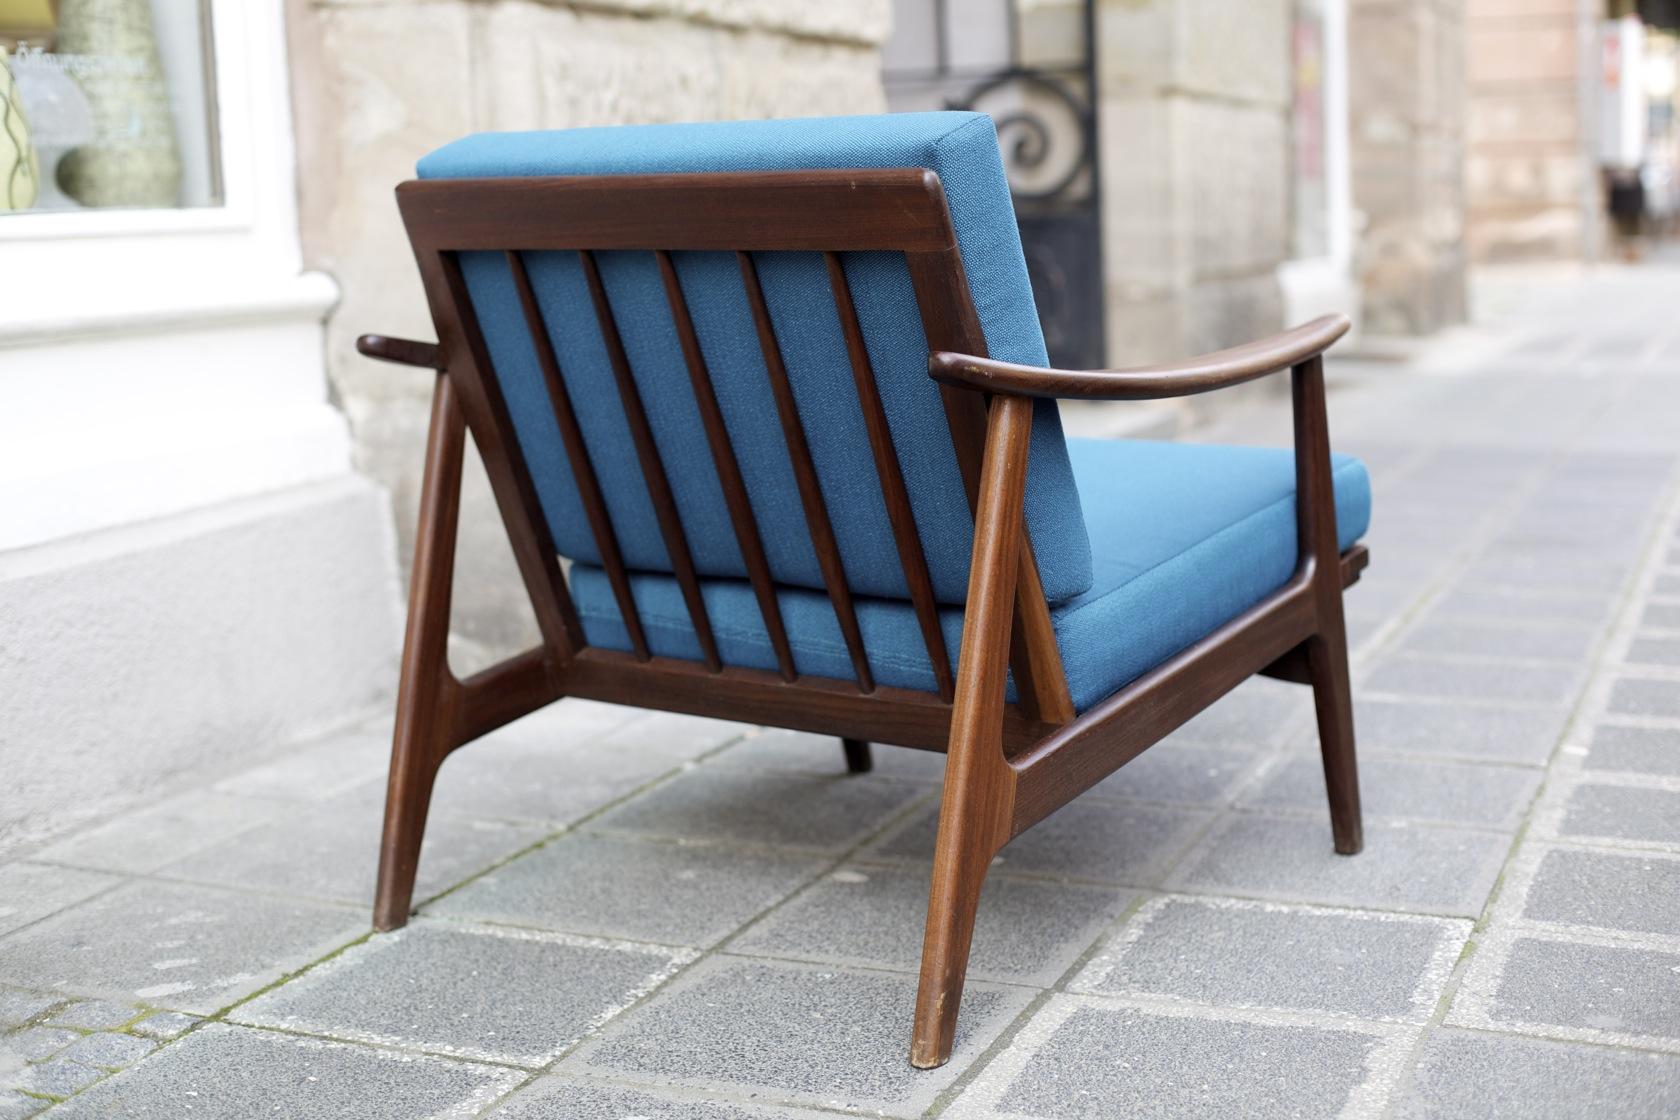 easy chair aus den 50er-jahren - raumwunder - vintage wohnen in, Hause deko